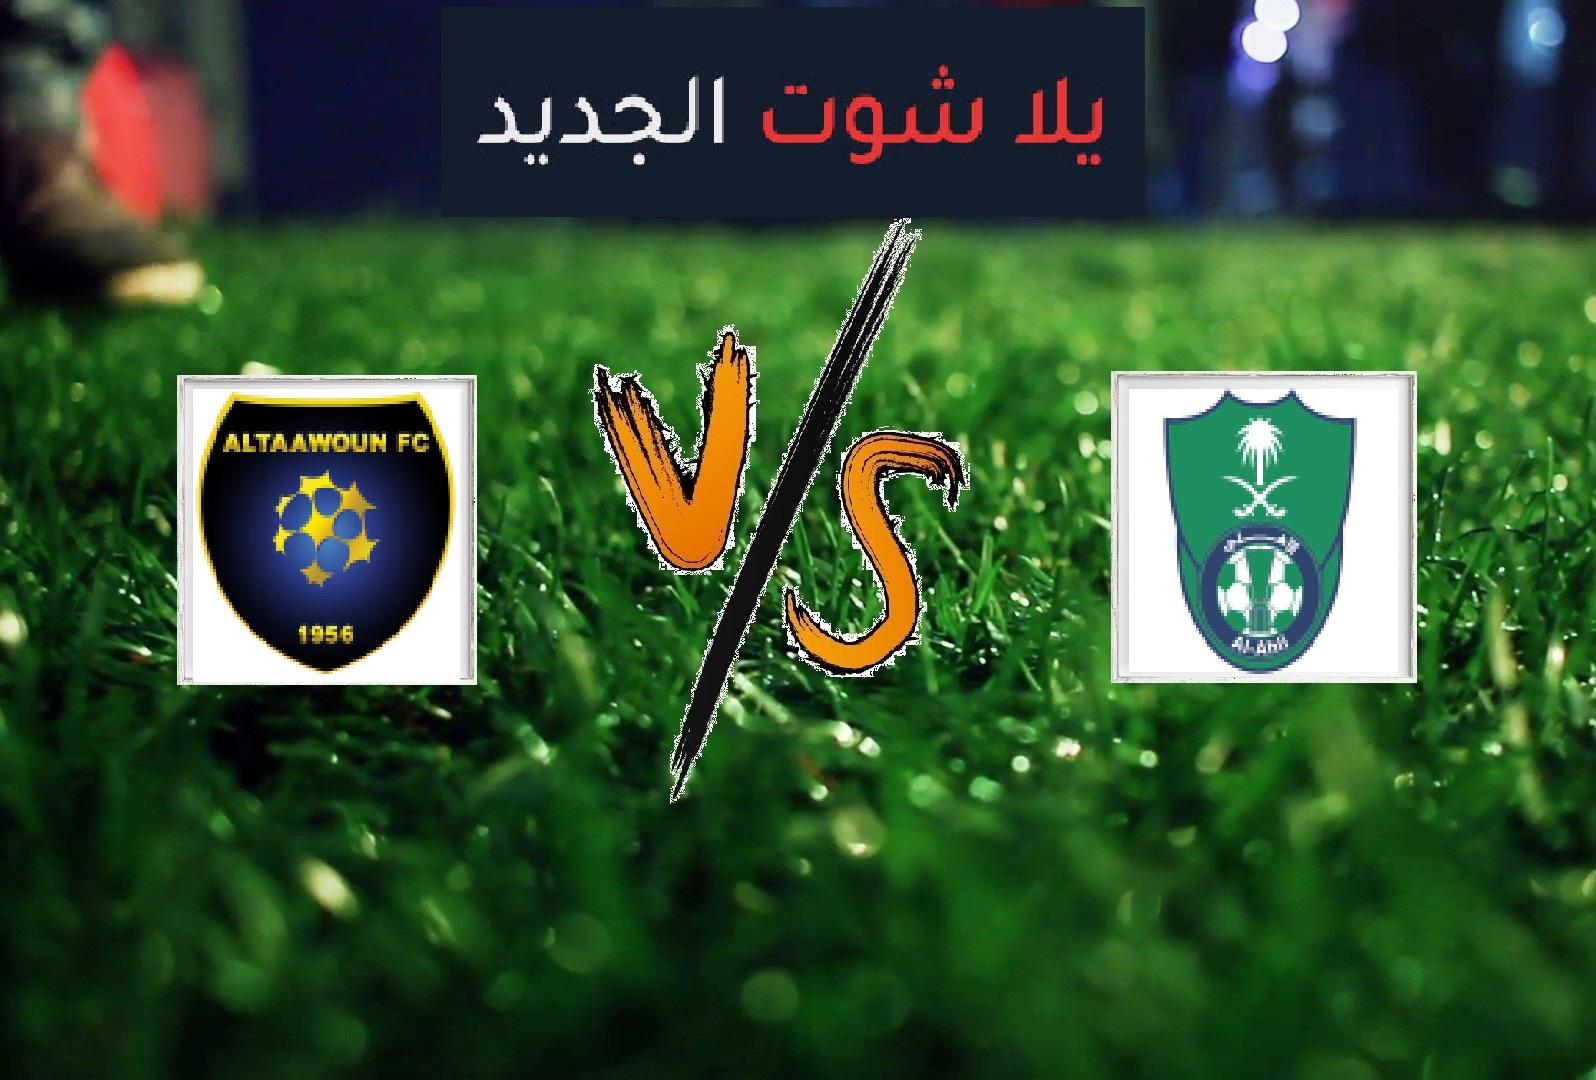 نتيجة مباراة التعاون والأهلي السعودي بتاريخ 11-03-2020 الدوري السعودي